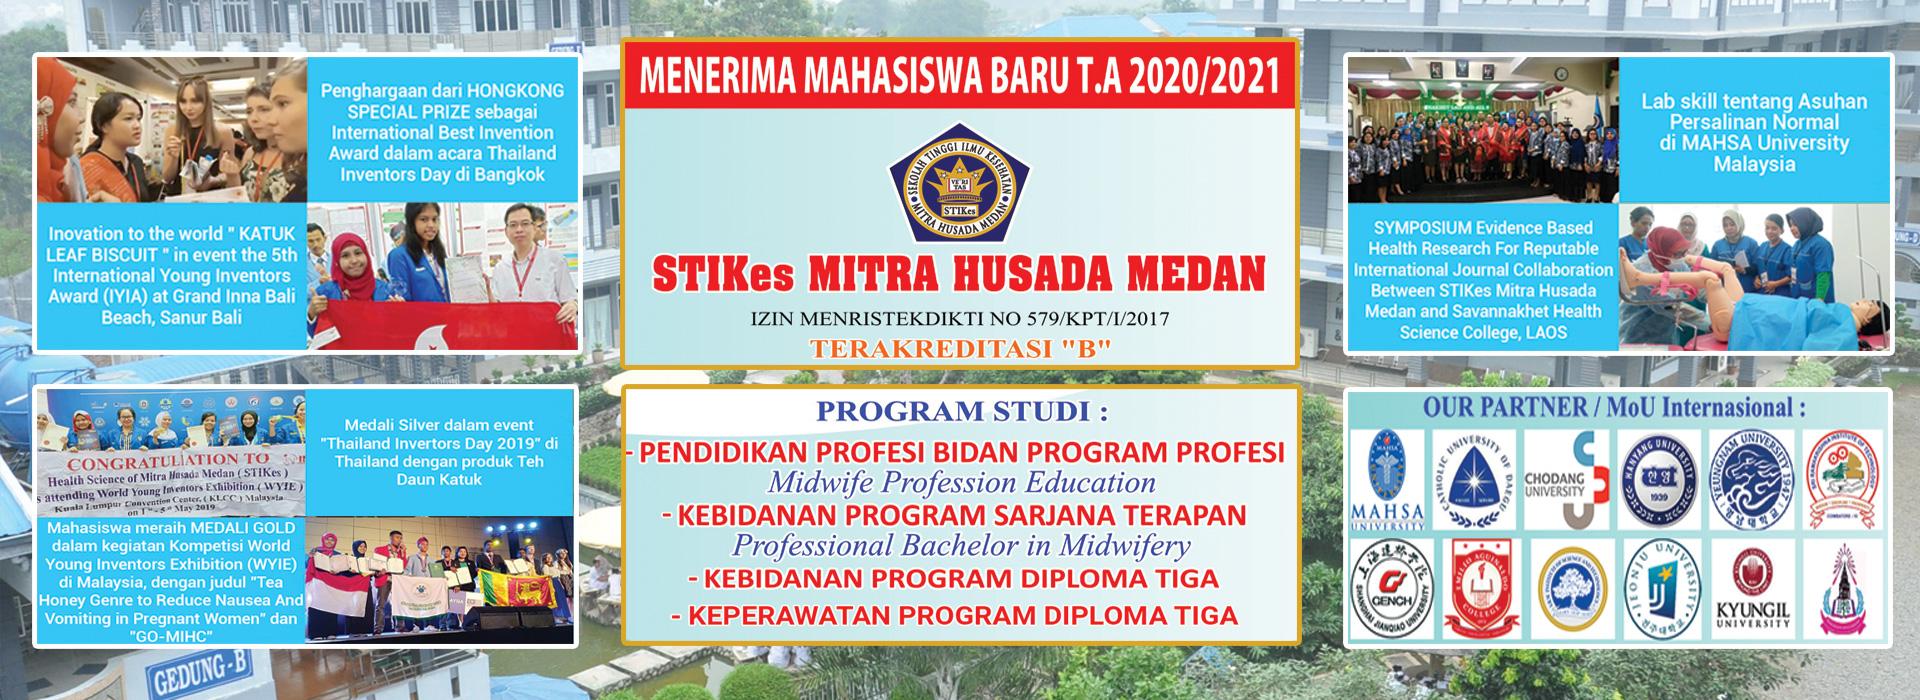 Penerimaan Mahasiswa Baru T.A 2020/2021 STIKes Mitra Husada Medan